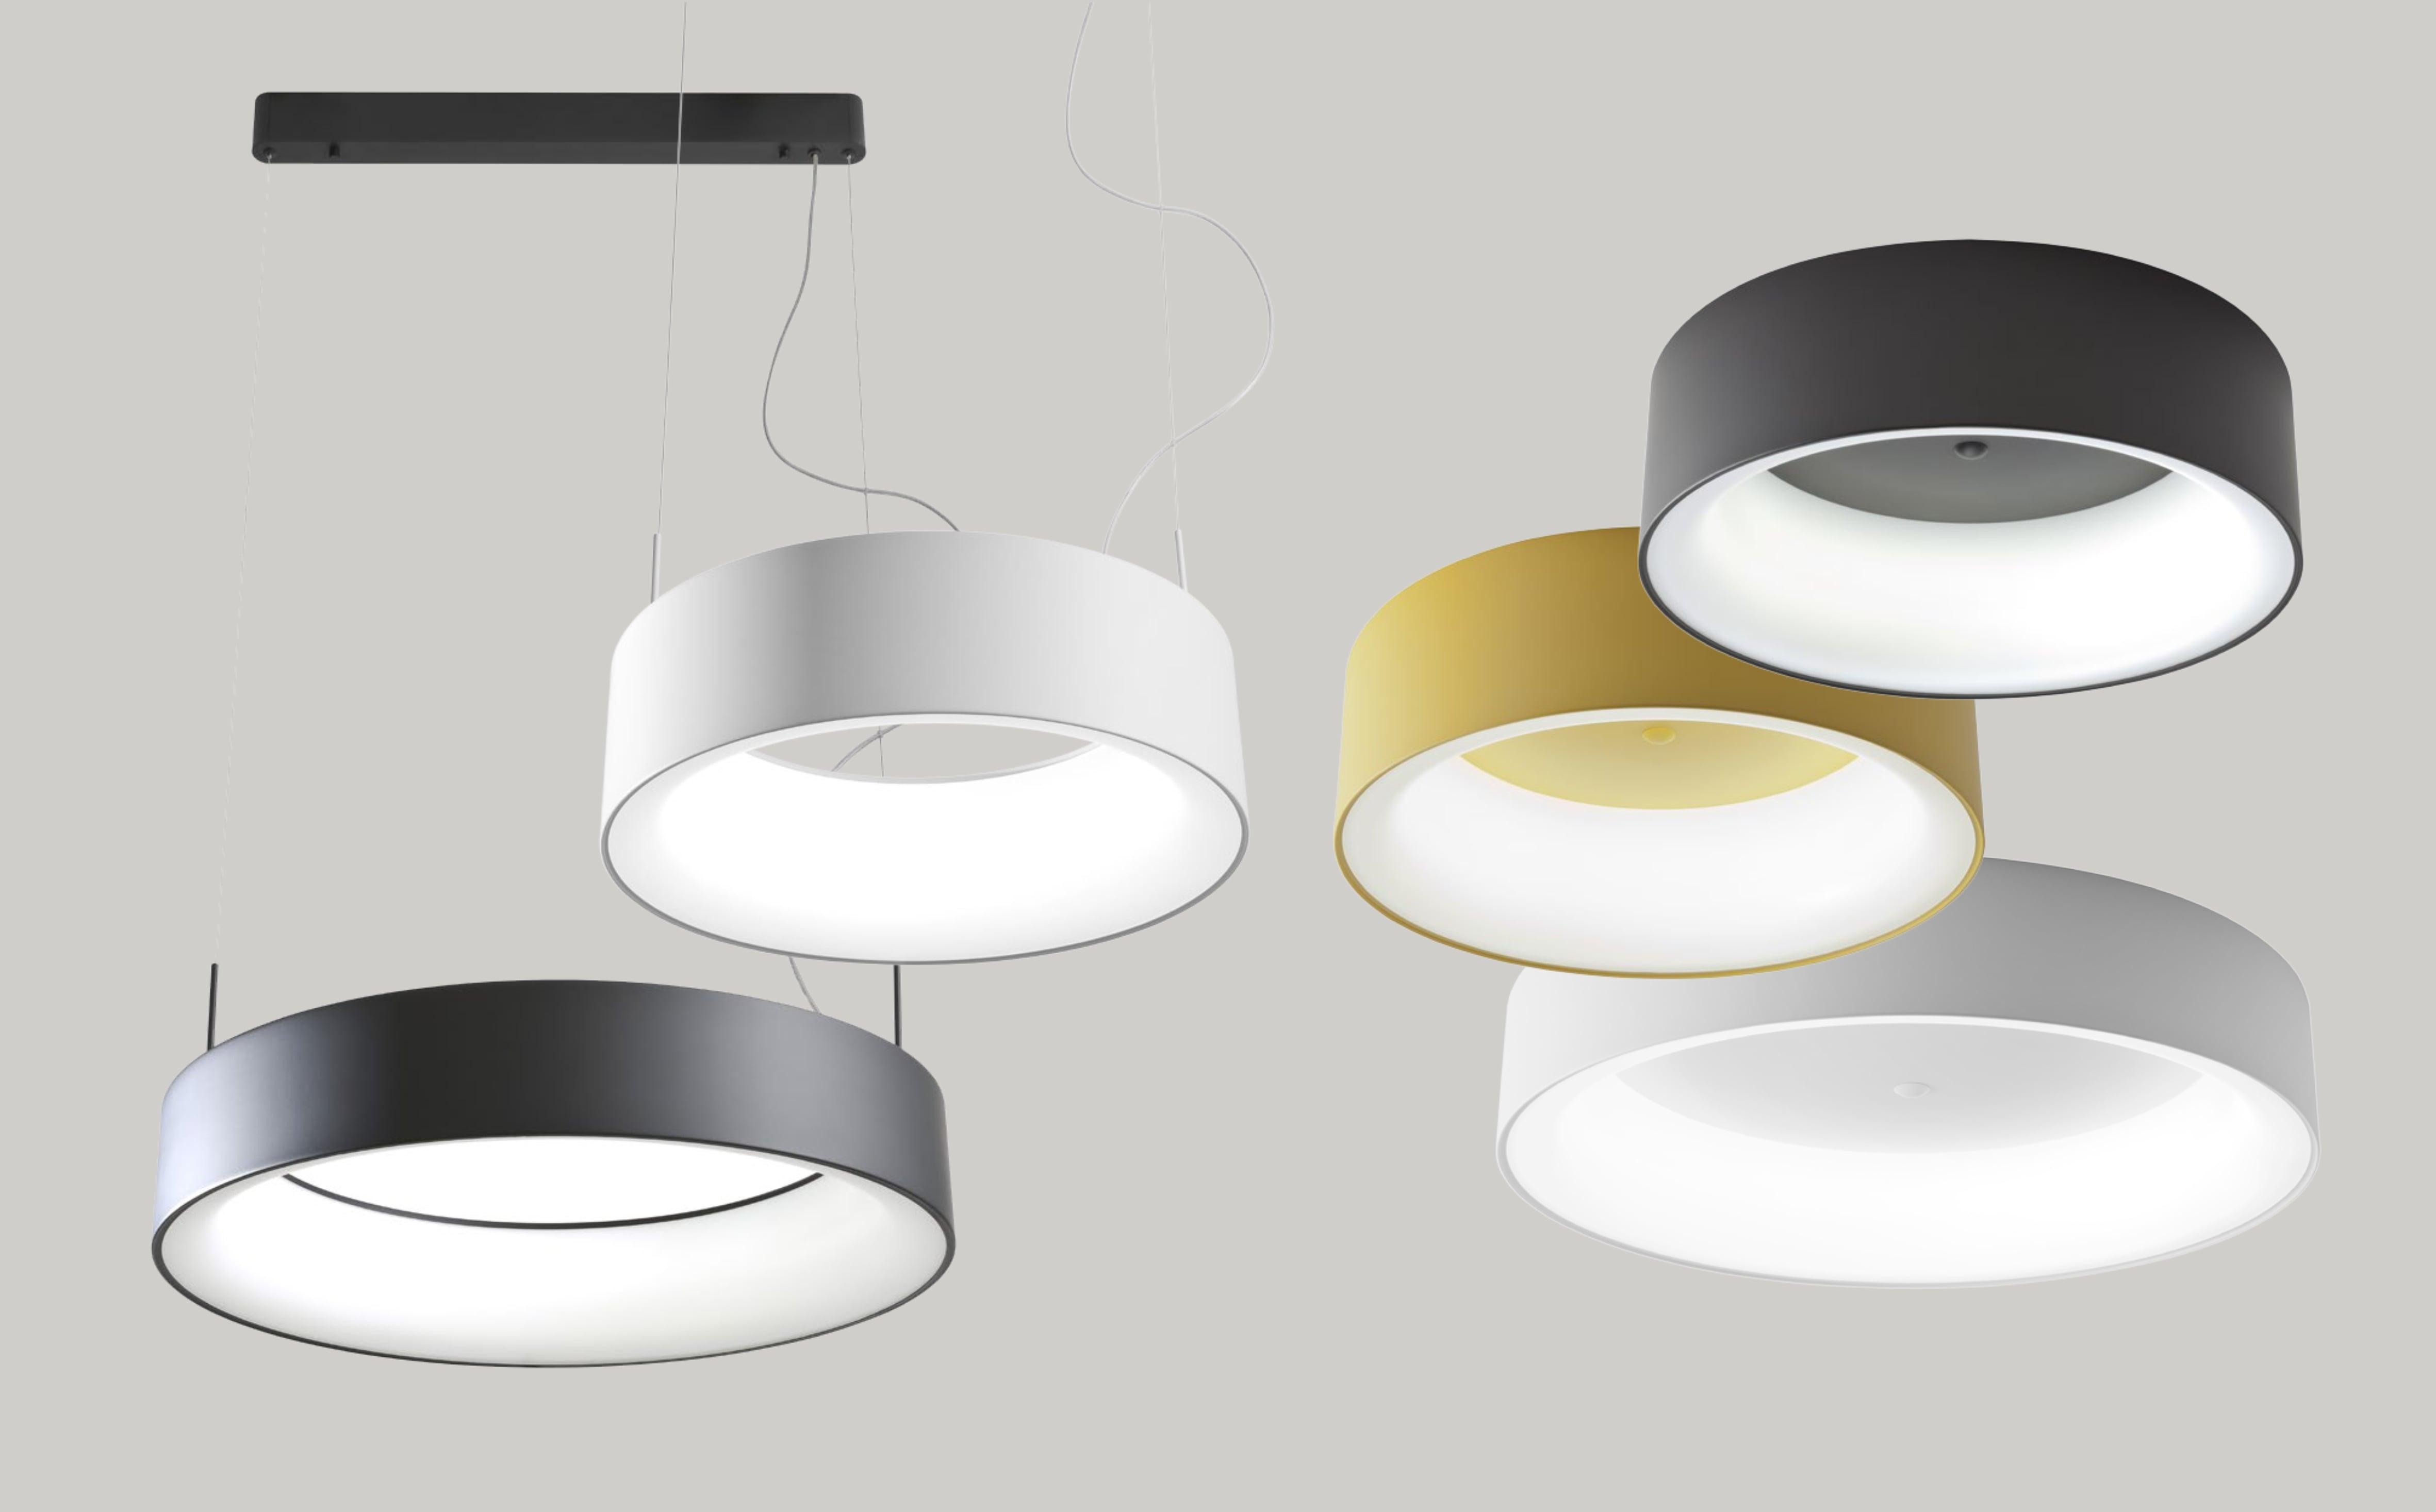 Corpuri de iluminat pentru interior Annora Lighting - Design si inspiratie